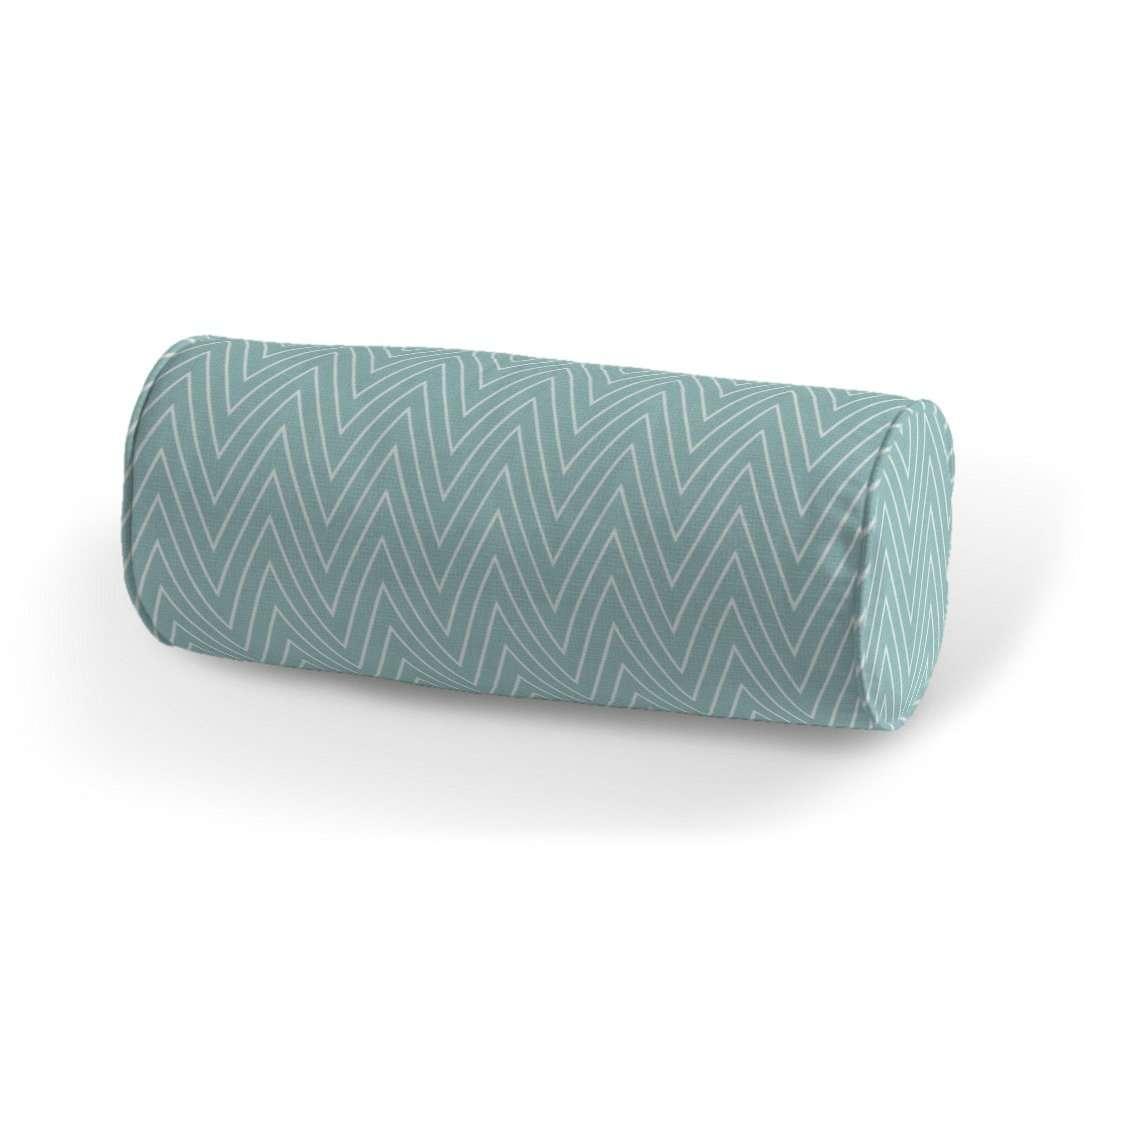 Poduszka wałek prosty Ø 16 x 40 cm w kolekcji Brooklyn, tkanina: 137-90